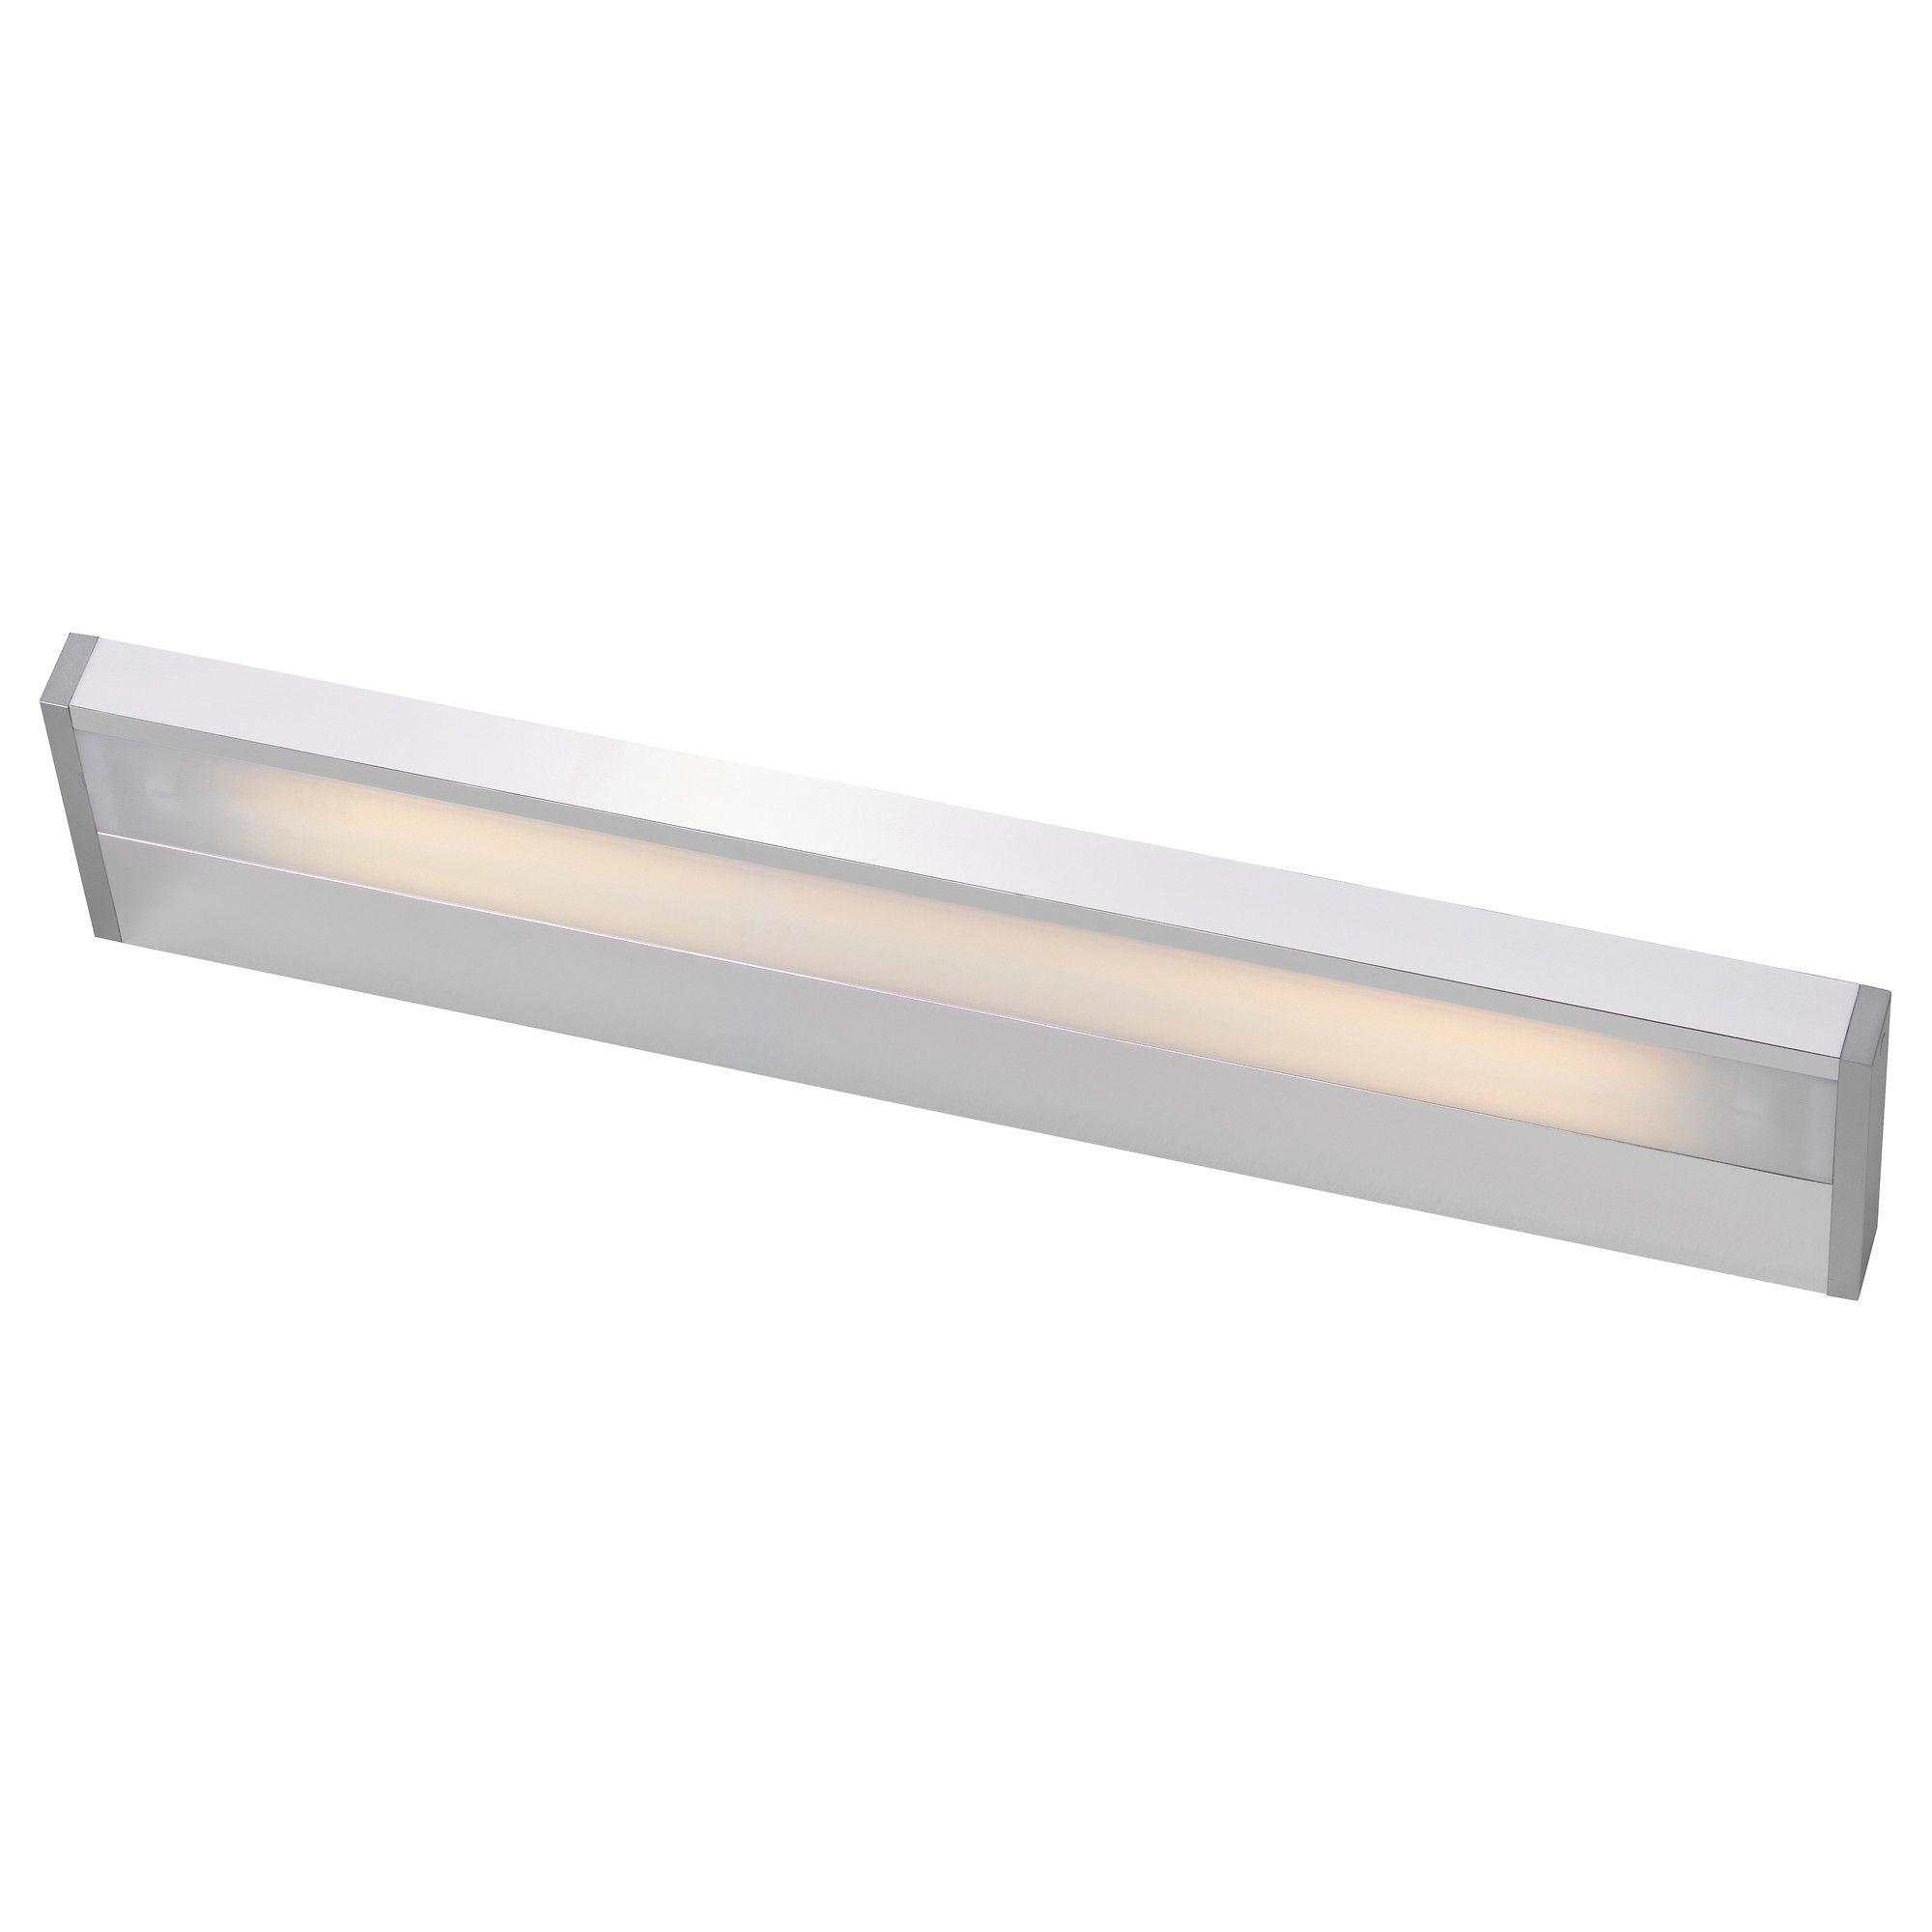 Ikea Luminaire Salle De Bain Godmorgon ~ godmorgon vanity light ikea ikea pinterest eclairage salle